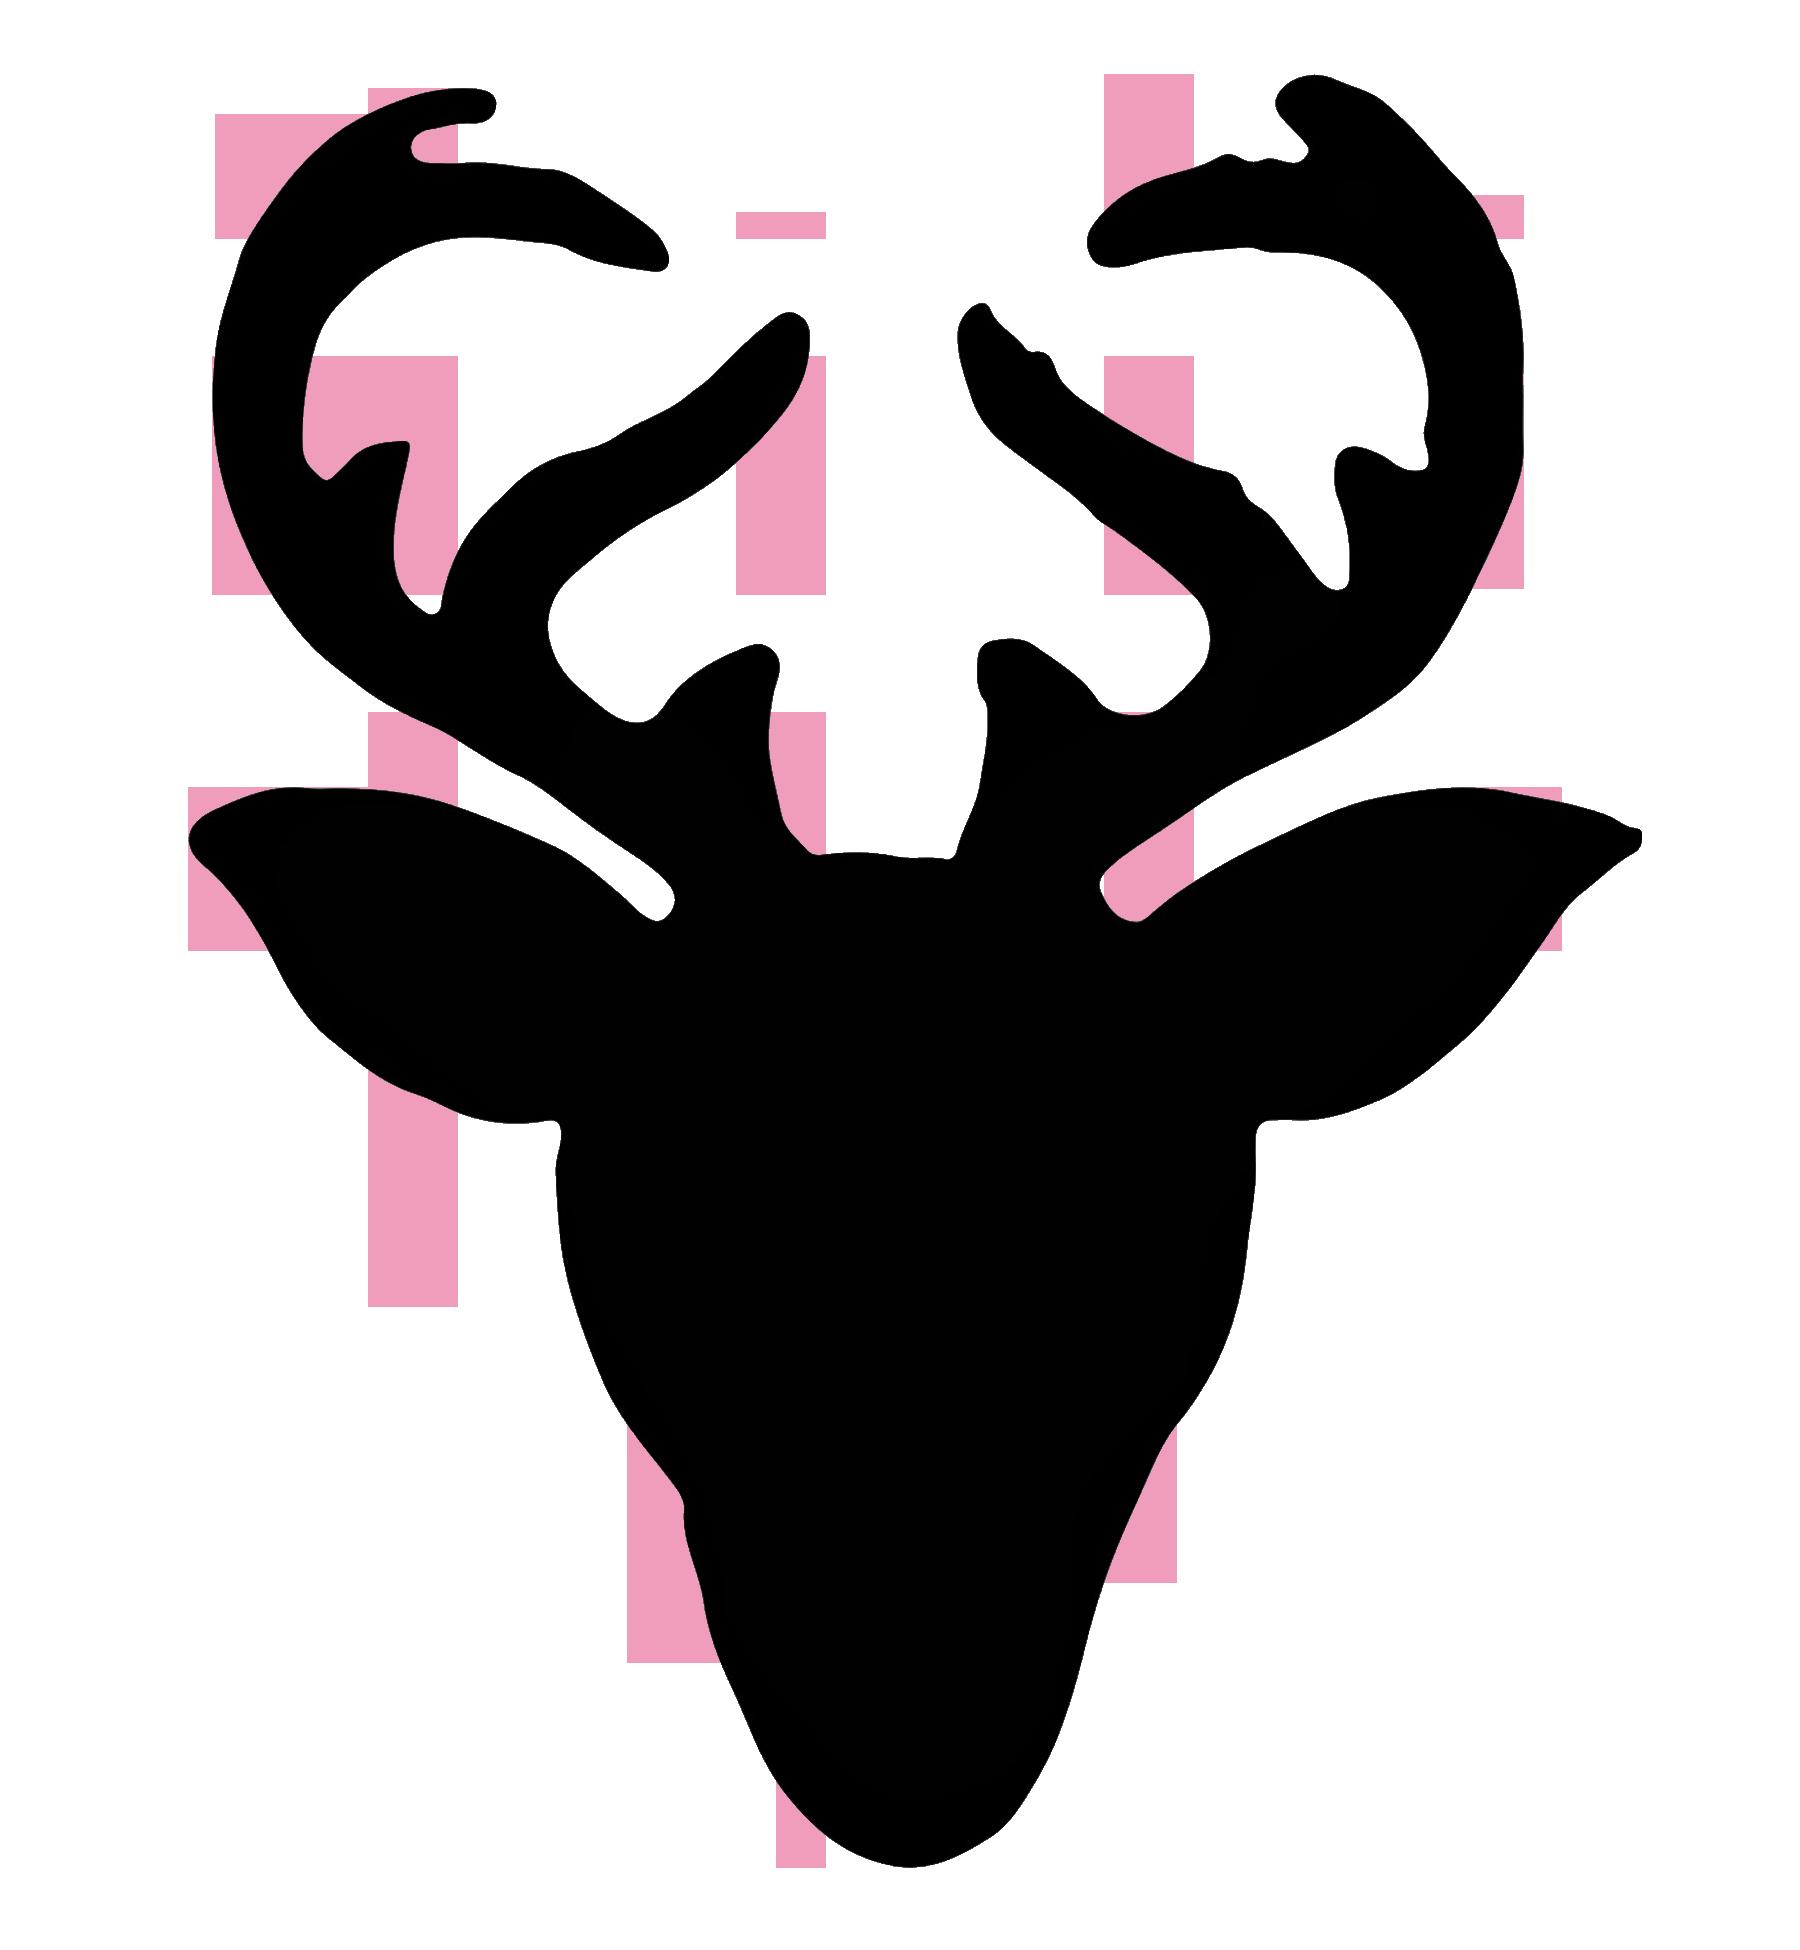 Silhouette at getdrawings com. Clipart reindeer moose head